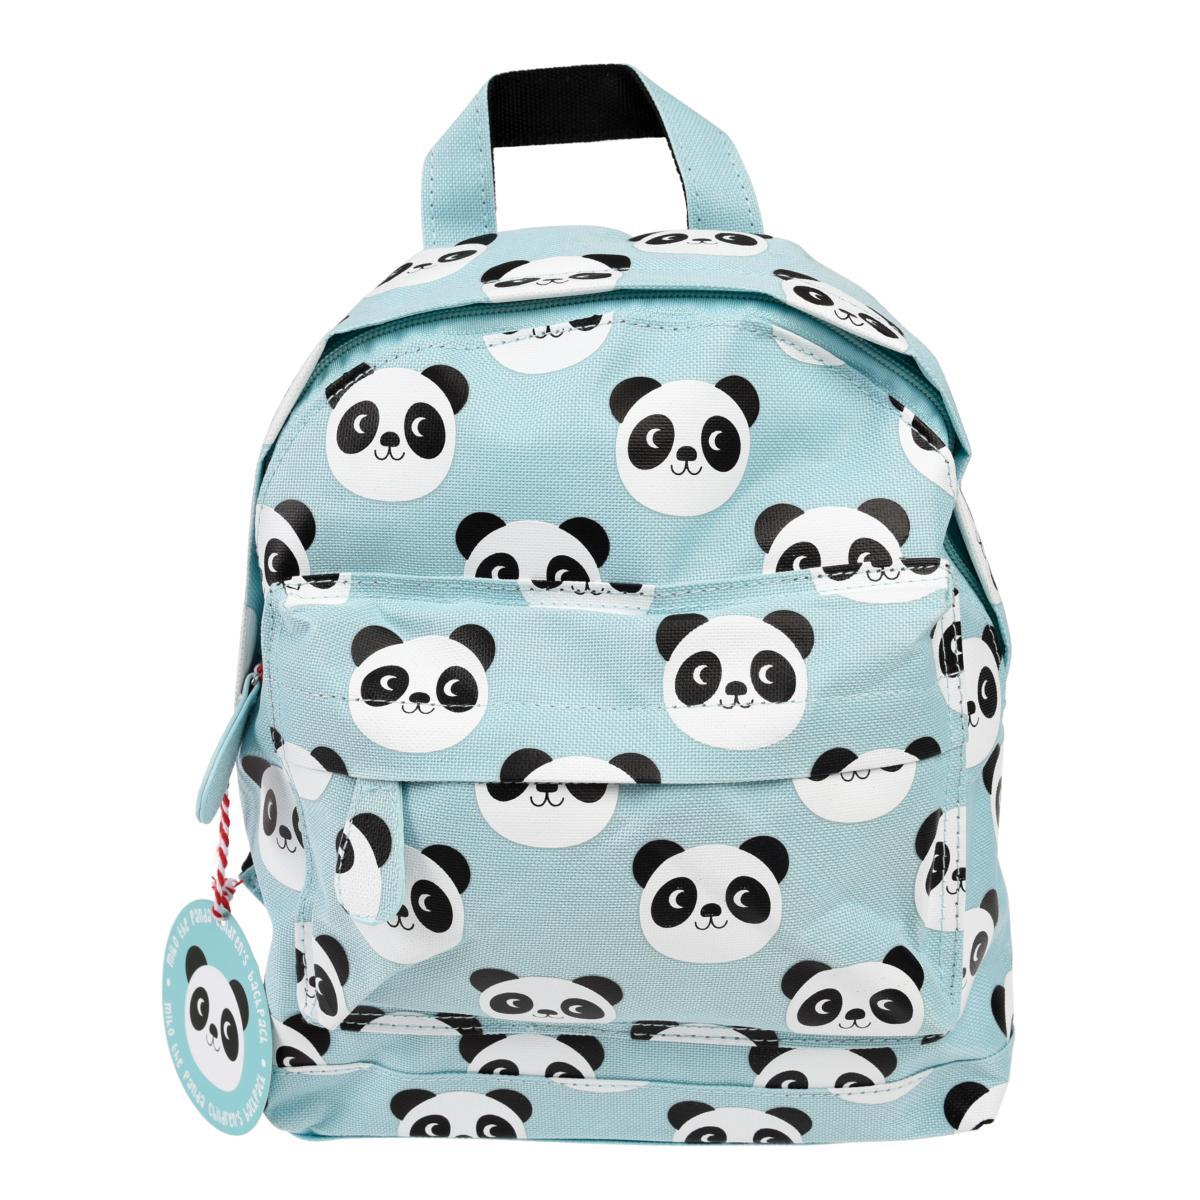 super populaire 8b8ca 73633 Sac à dos panda Miko the panda